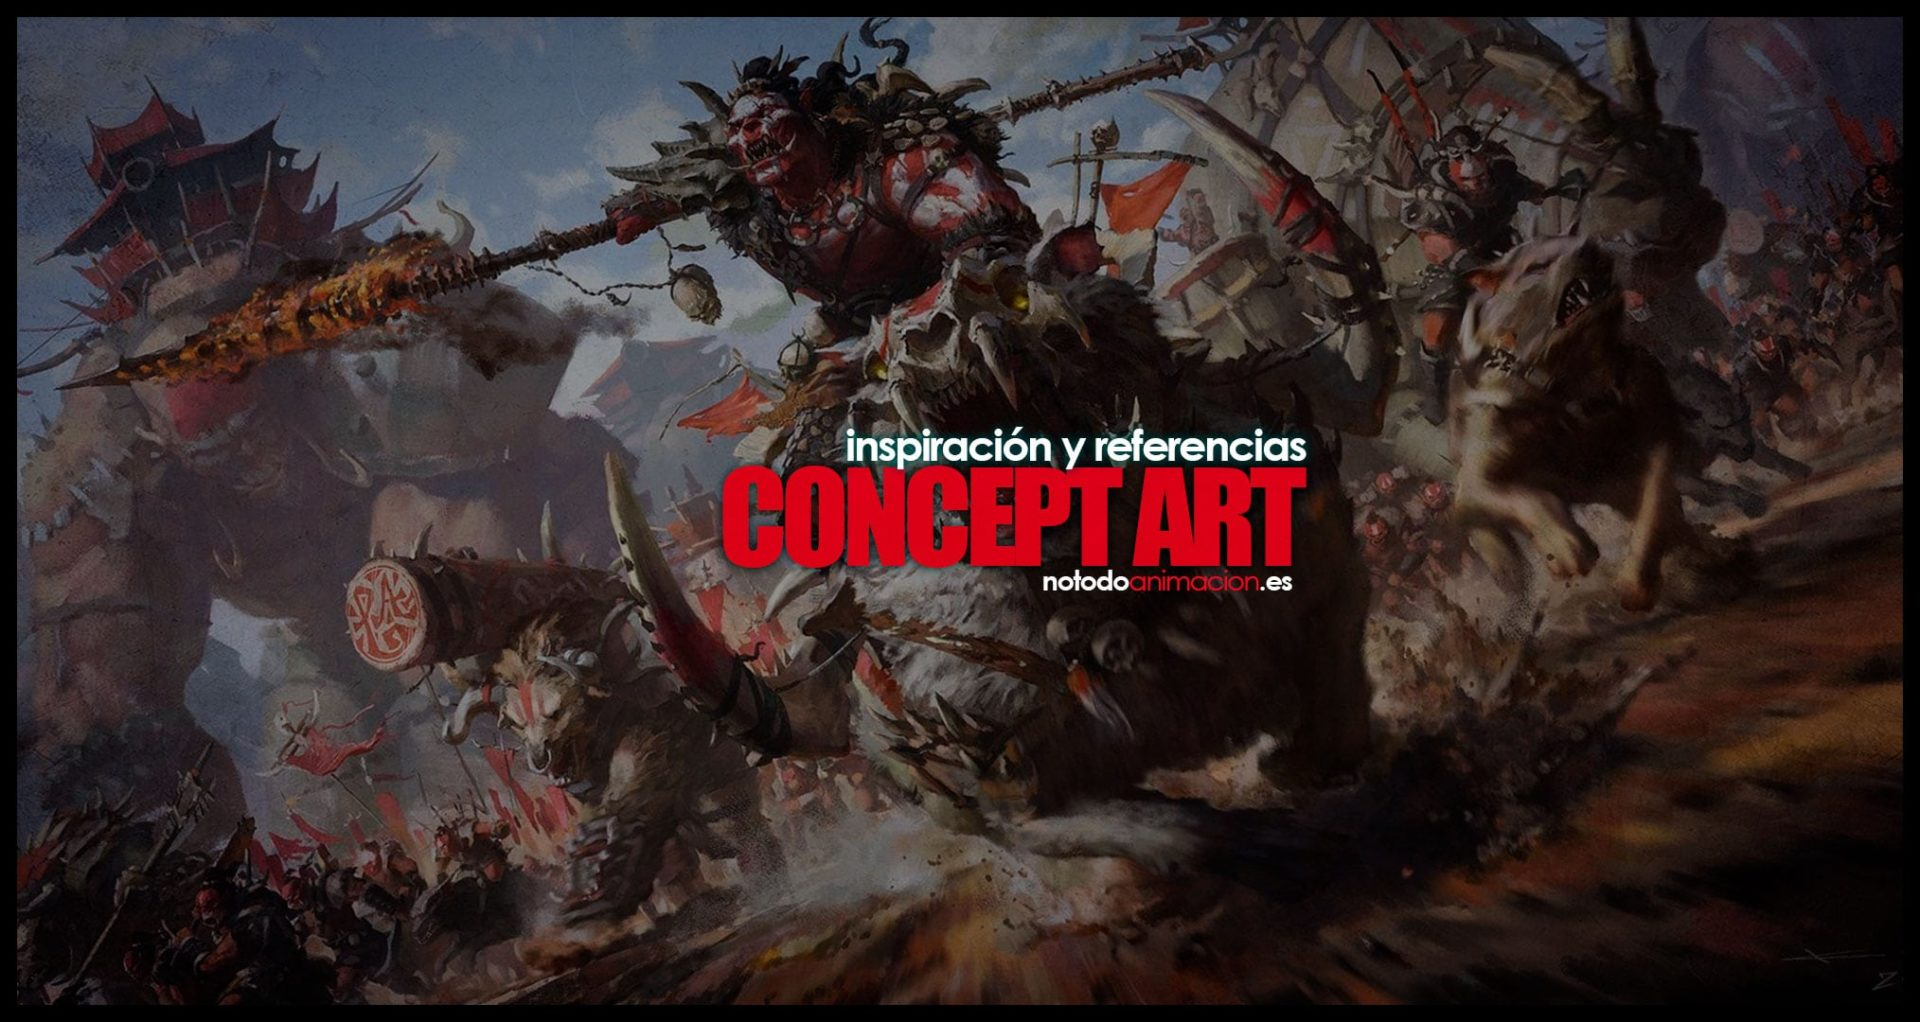 Inspiración y Referencias - Mas de 1.000 Ilustraciones y Concept Art videojuegos